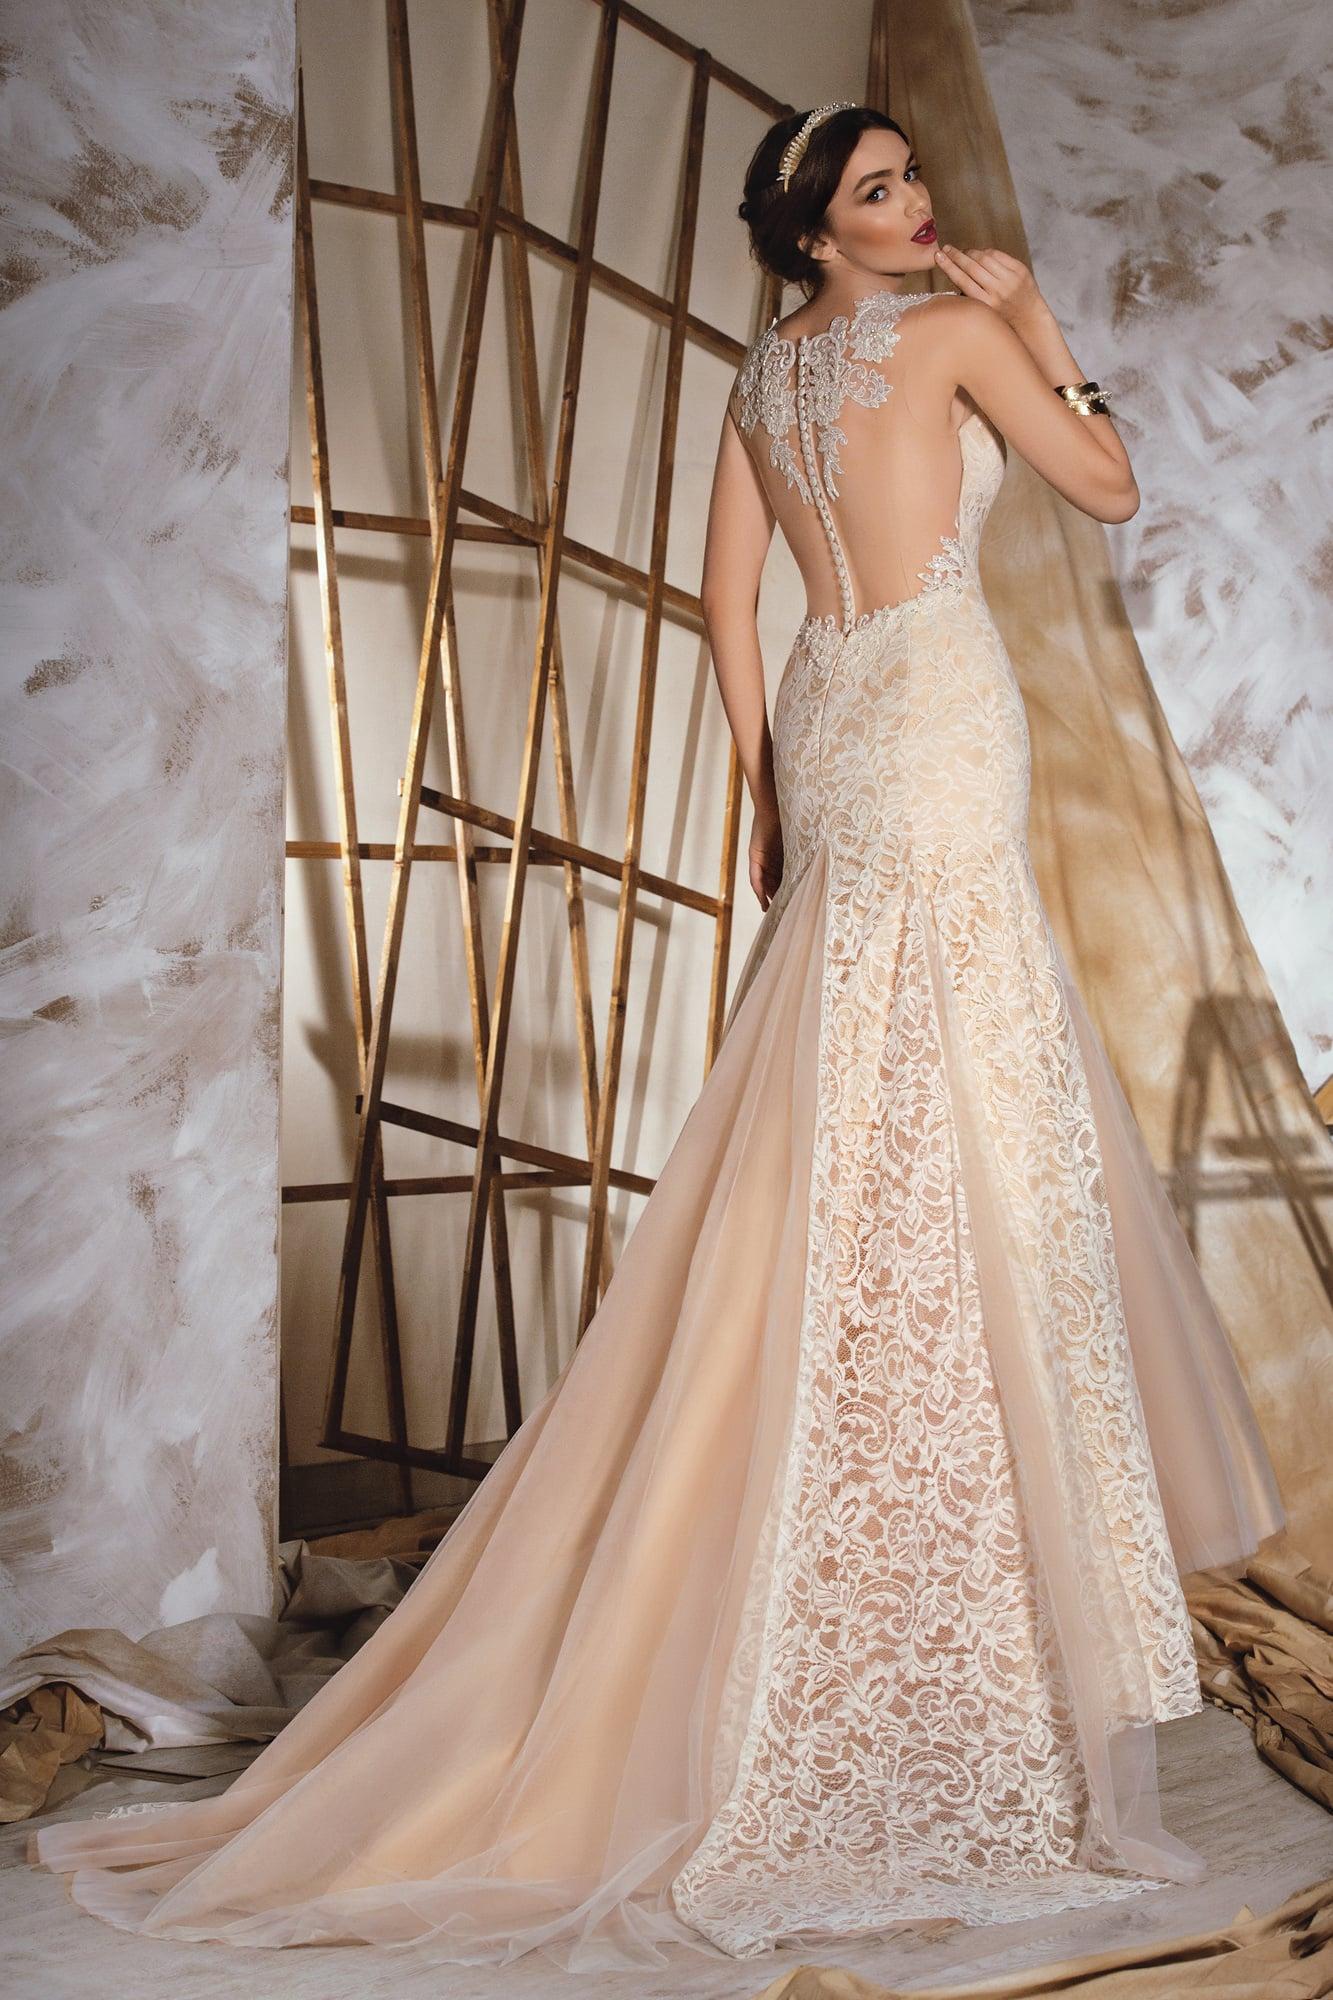 73775e1ce90 Бежевое свадебное платье «рыбка» с потрясающей полупрозрачной спинкой с кружевным  декором.